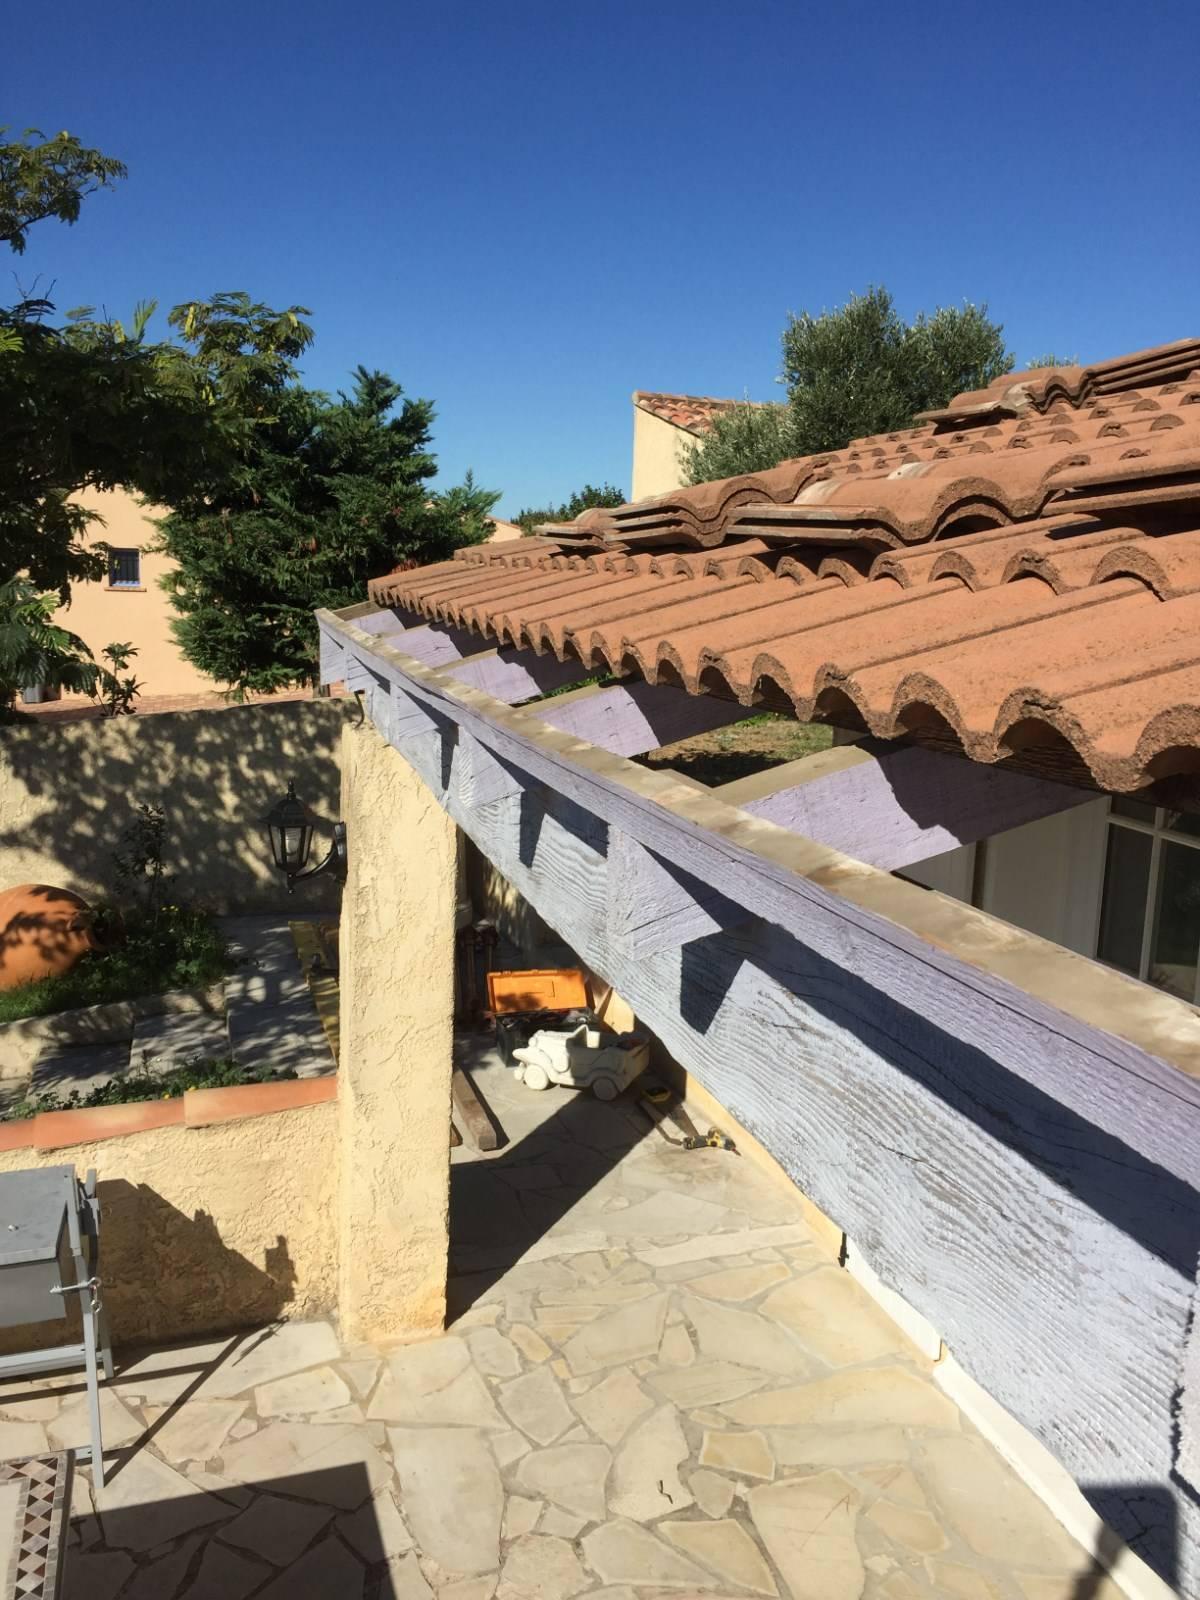 changement d 39 une poutre d 39 une avanc e de toiture par nos artisans couvreurs charpentiers sur la. Black Bedroom Furniture Sets. Home Design Ideas